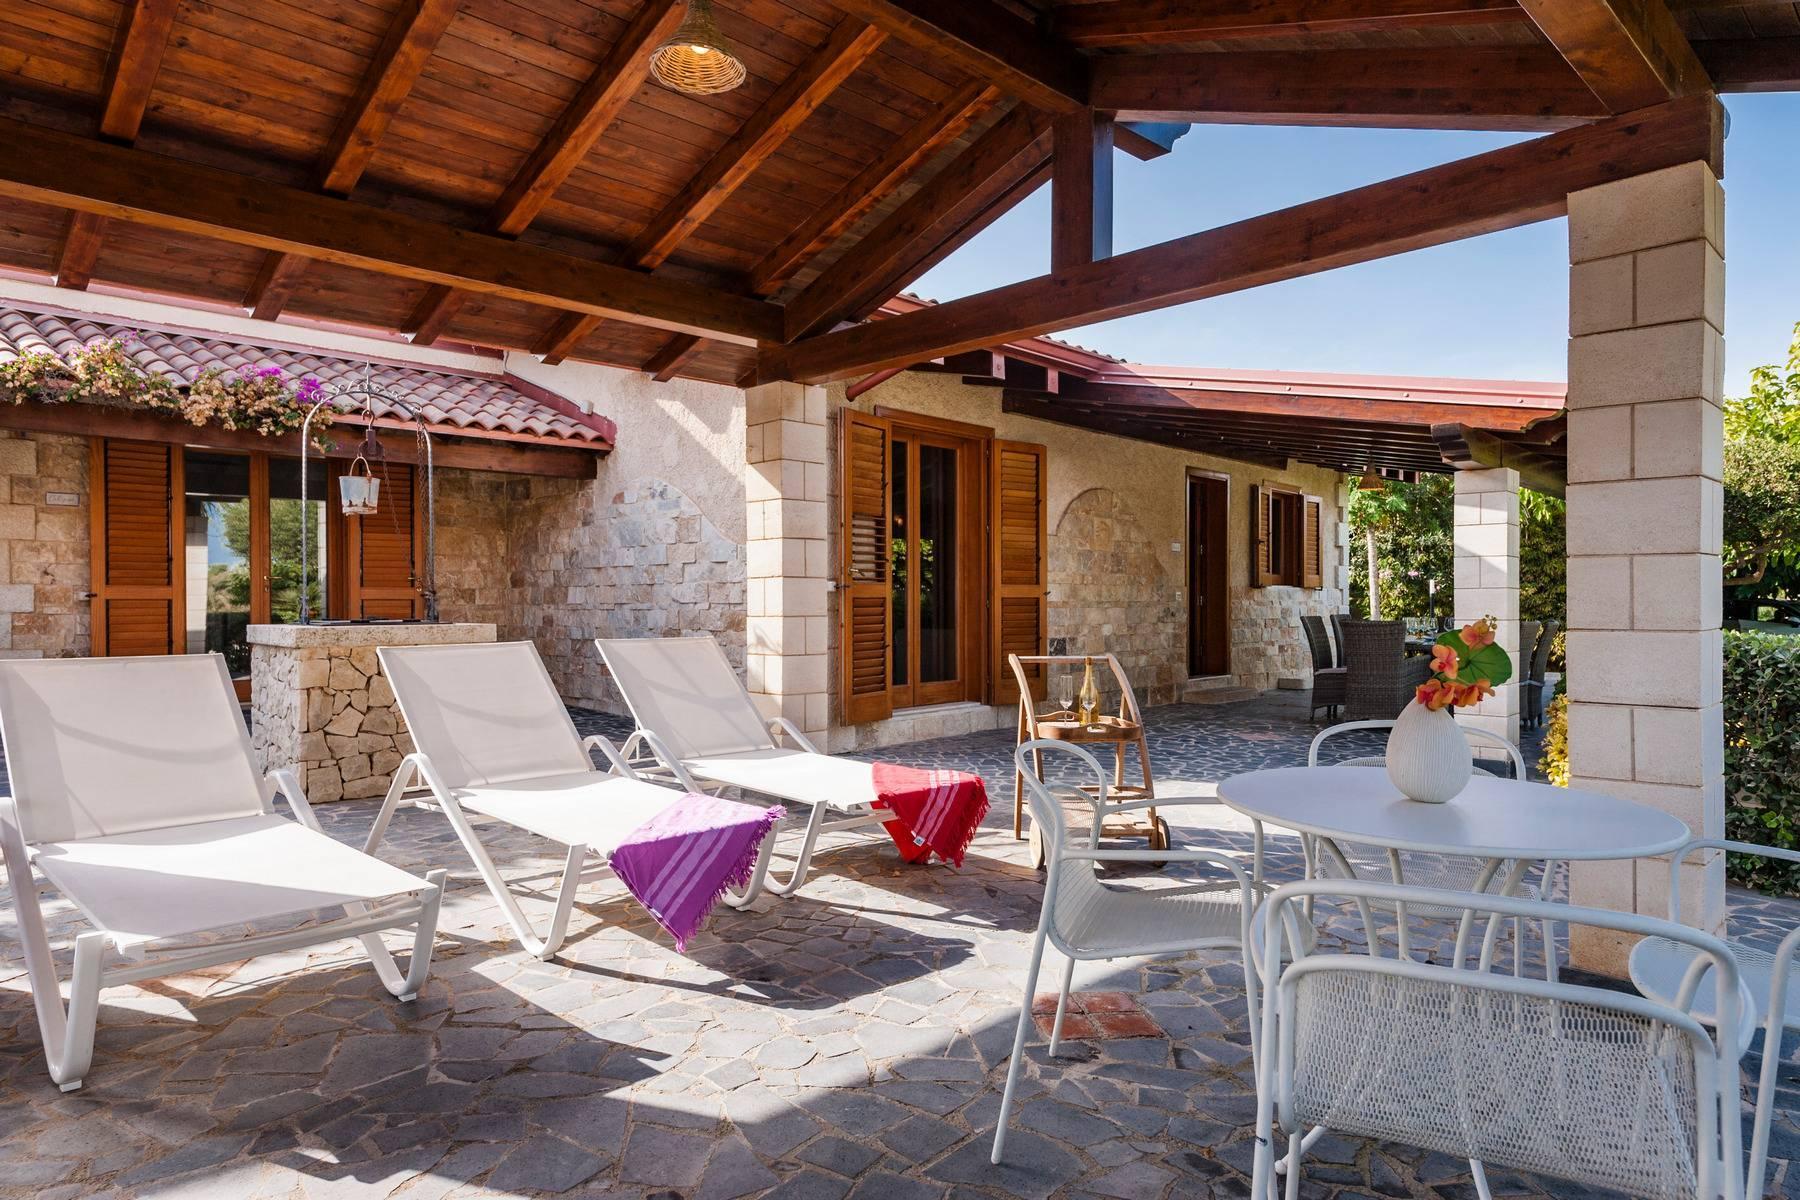 Esclusiva villa sul mare con ingresso privato in spiaggia - 5